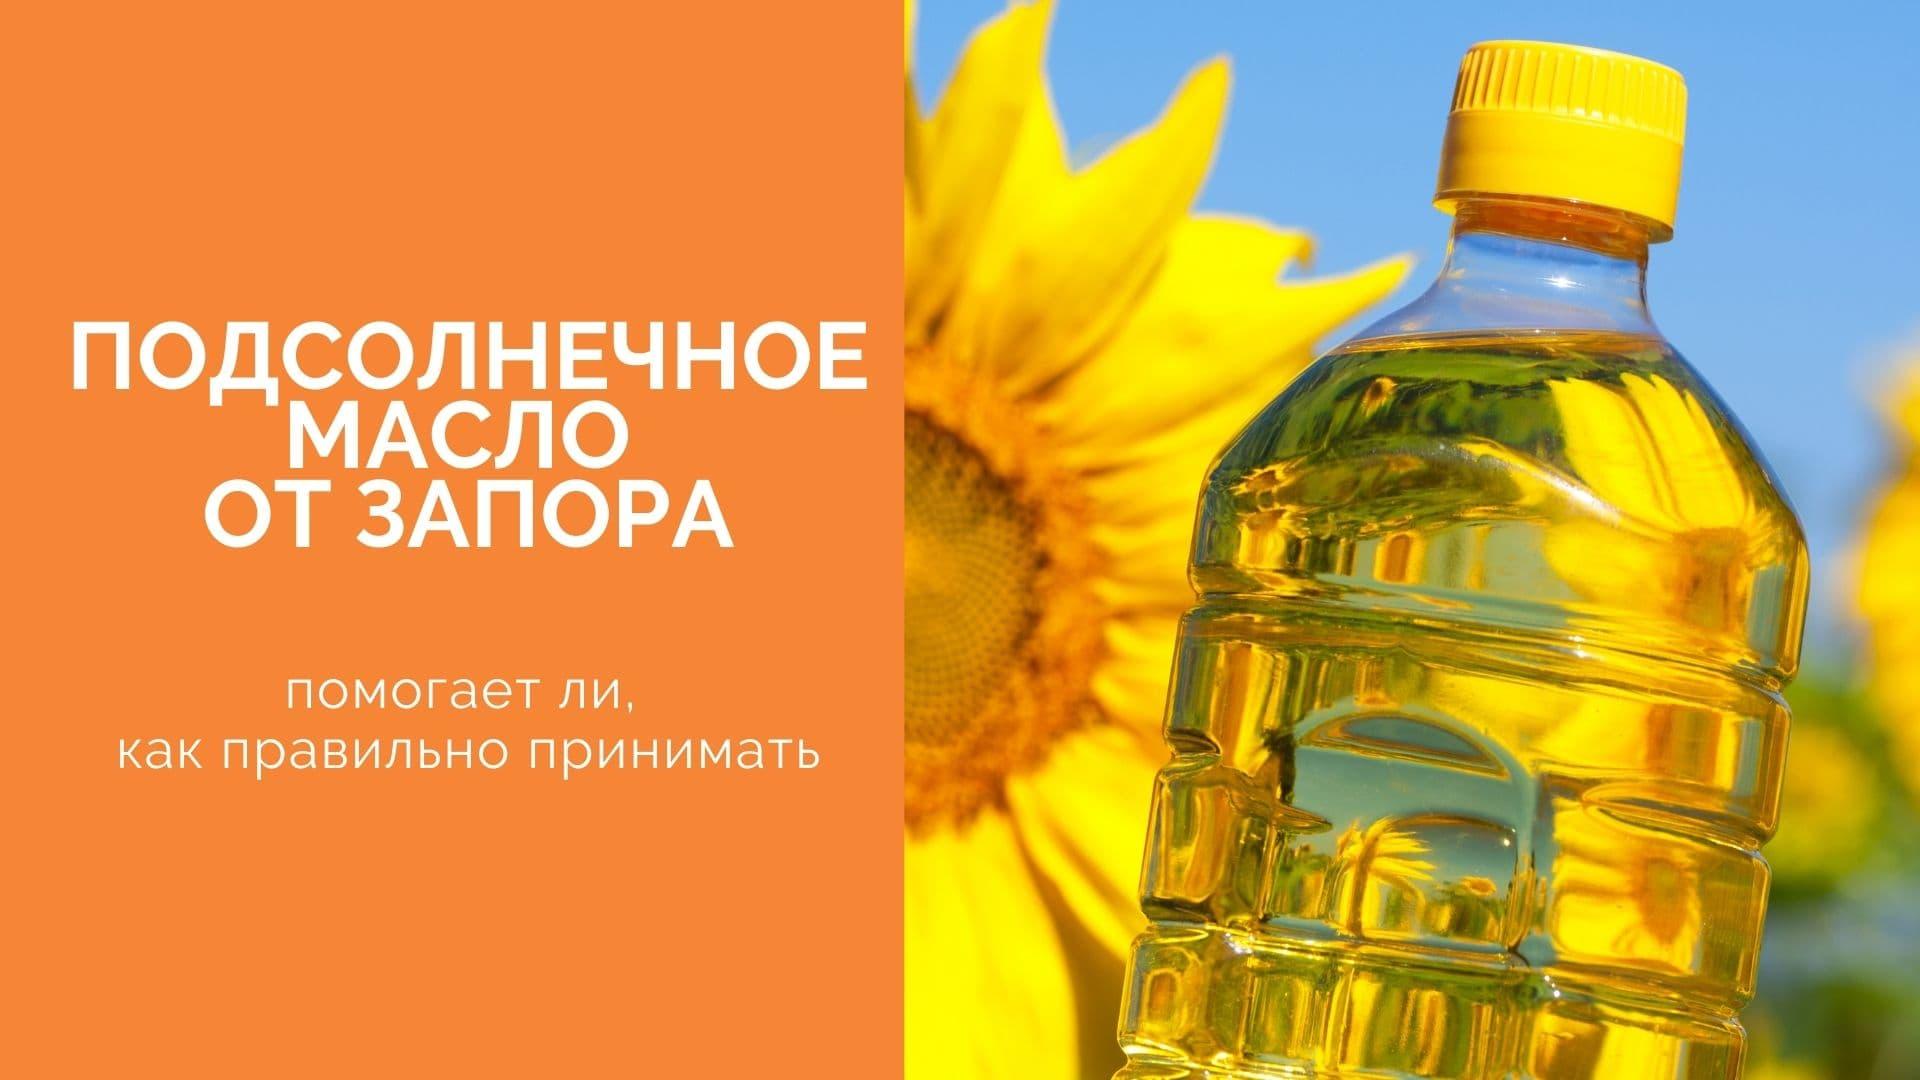 Подсолнечное масло от запора: помогает ли, как правильно принимать